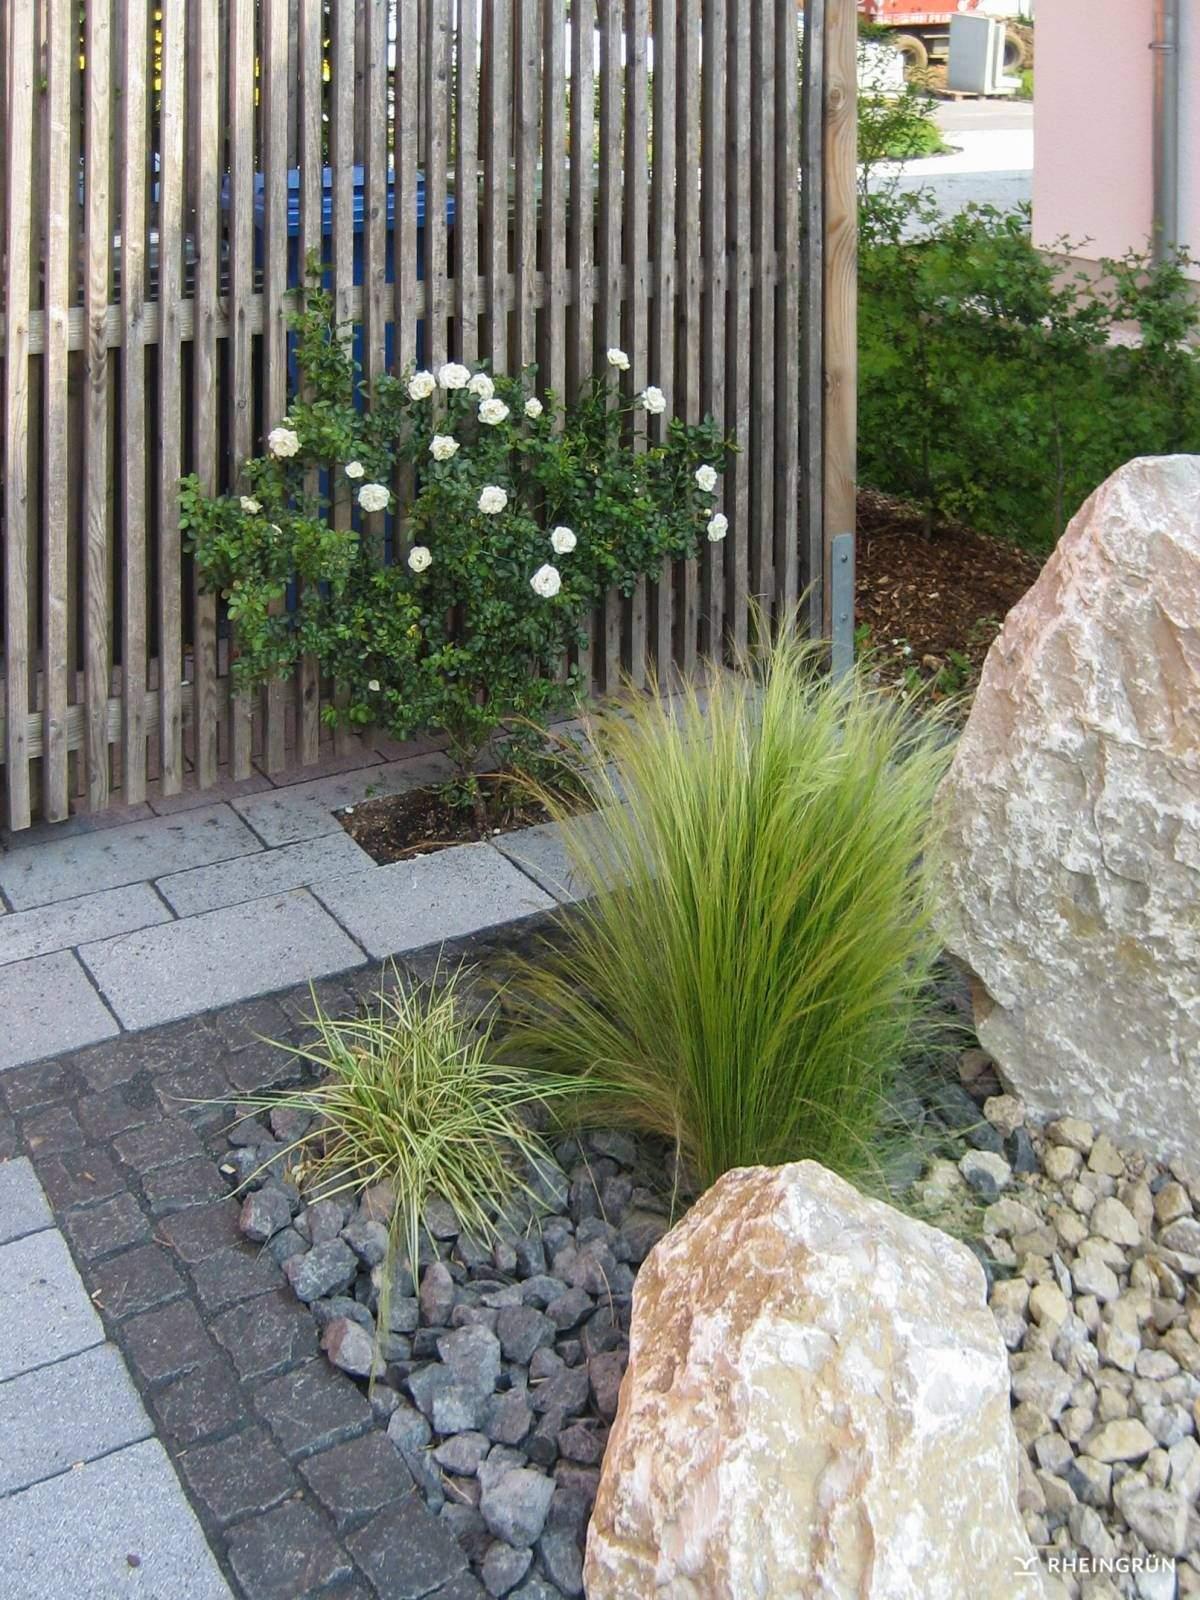 japanischer garten ideen genial pflegeleichter vorgarten mit grosen steinen und grasern of japanischer garten ideen